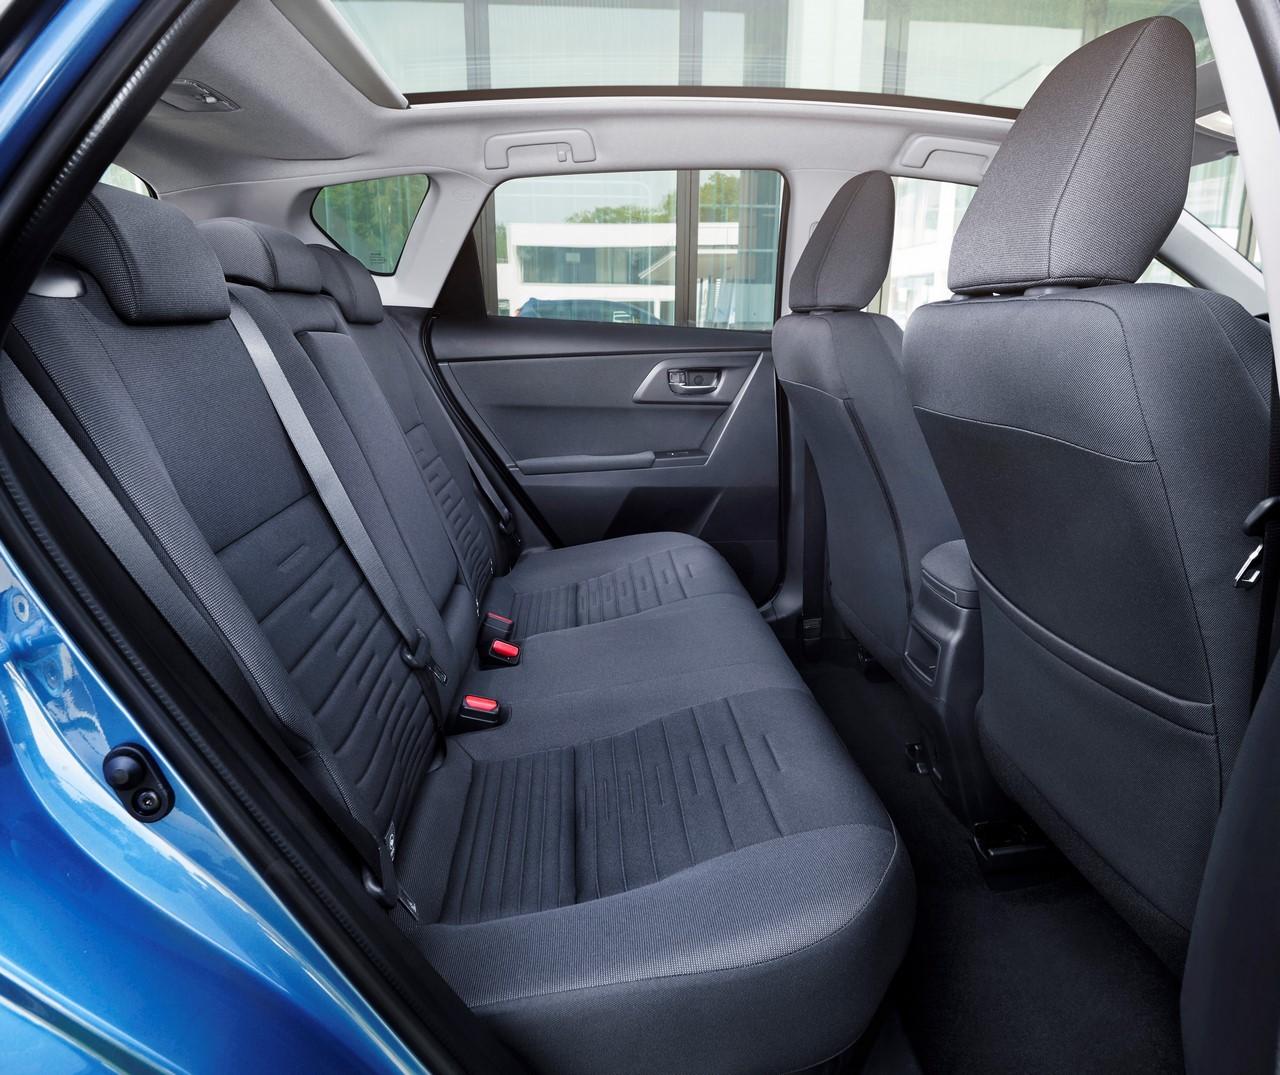 Toyota Auris HSD 2015 : prix et caractéristiques de l ...